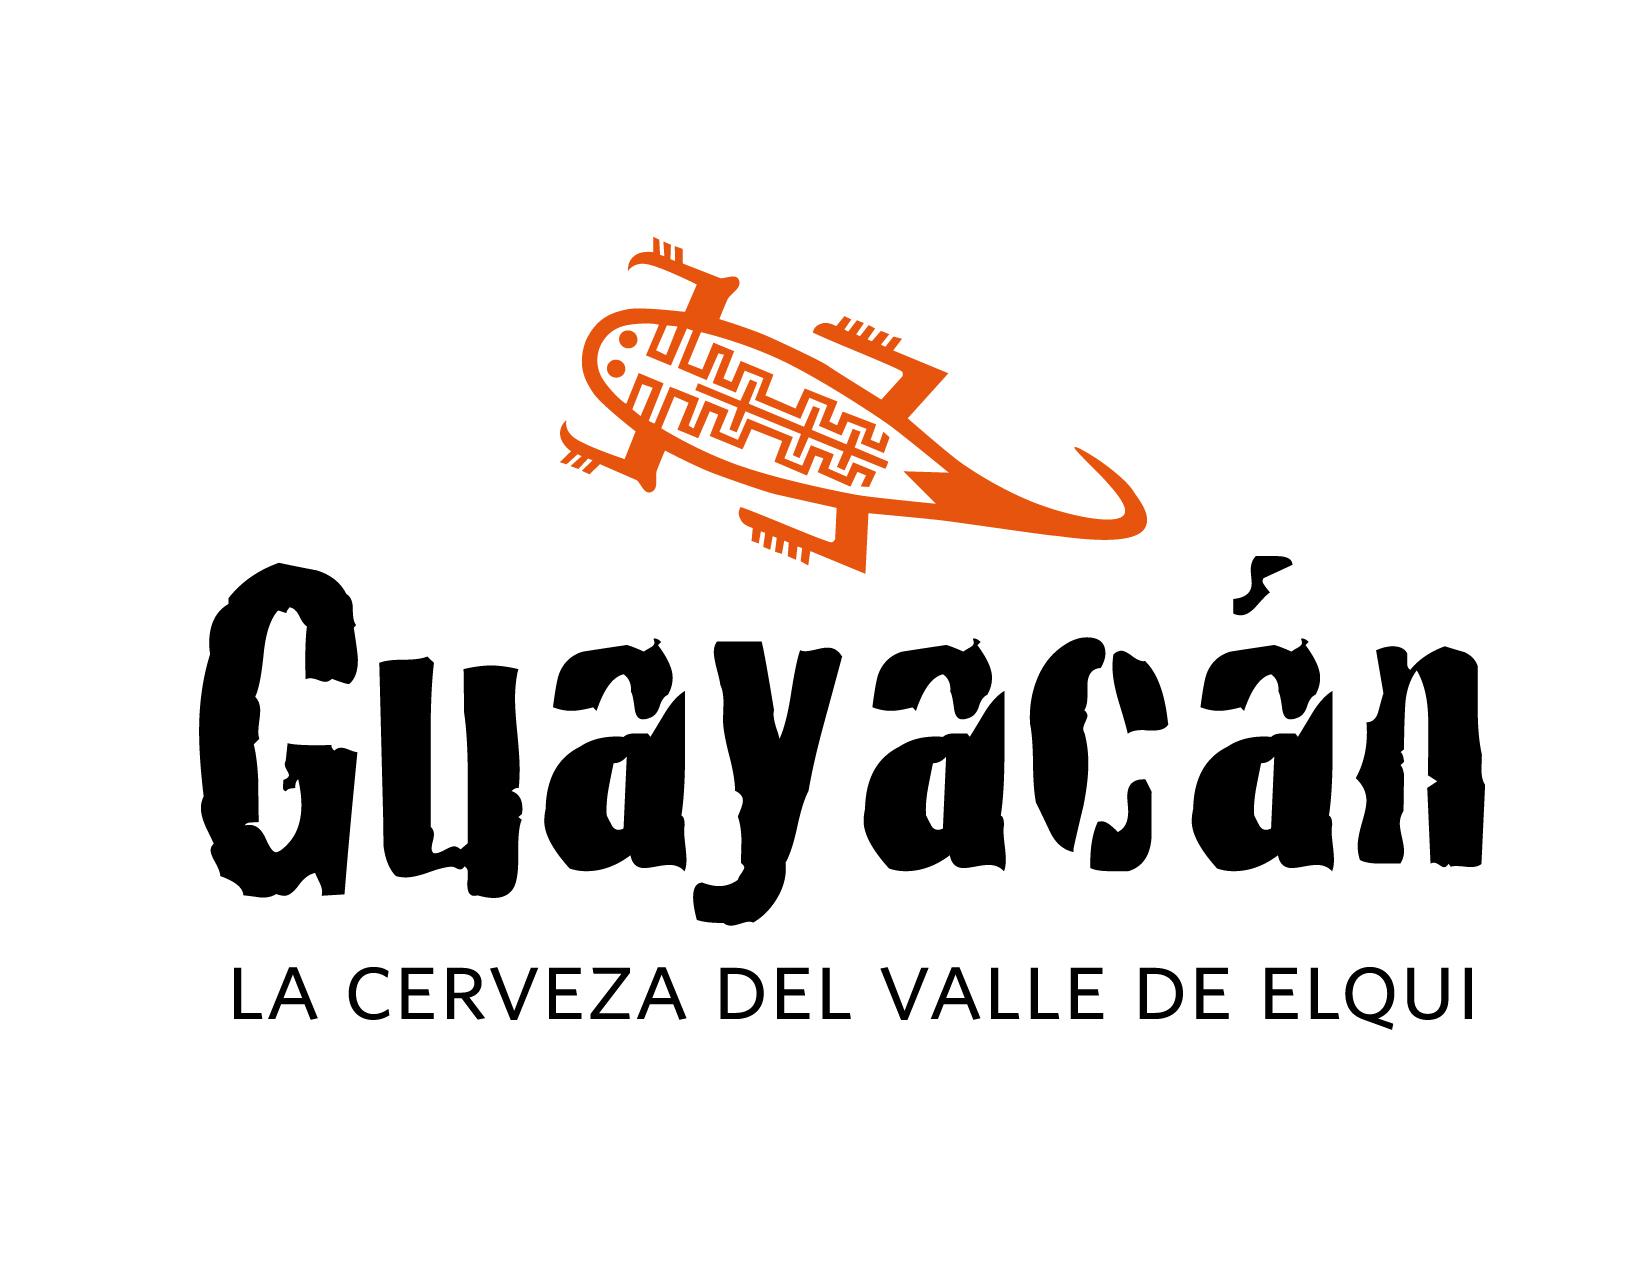 Empresas Desafio10x: Cervecera Guayacán SpA